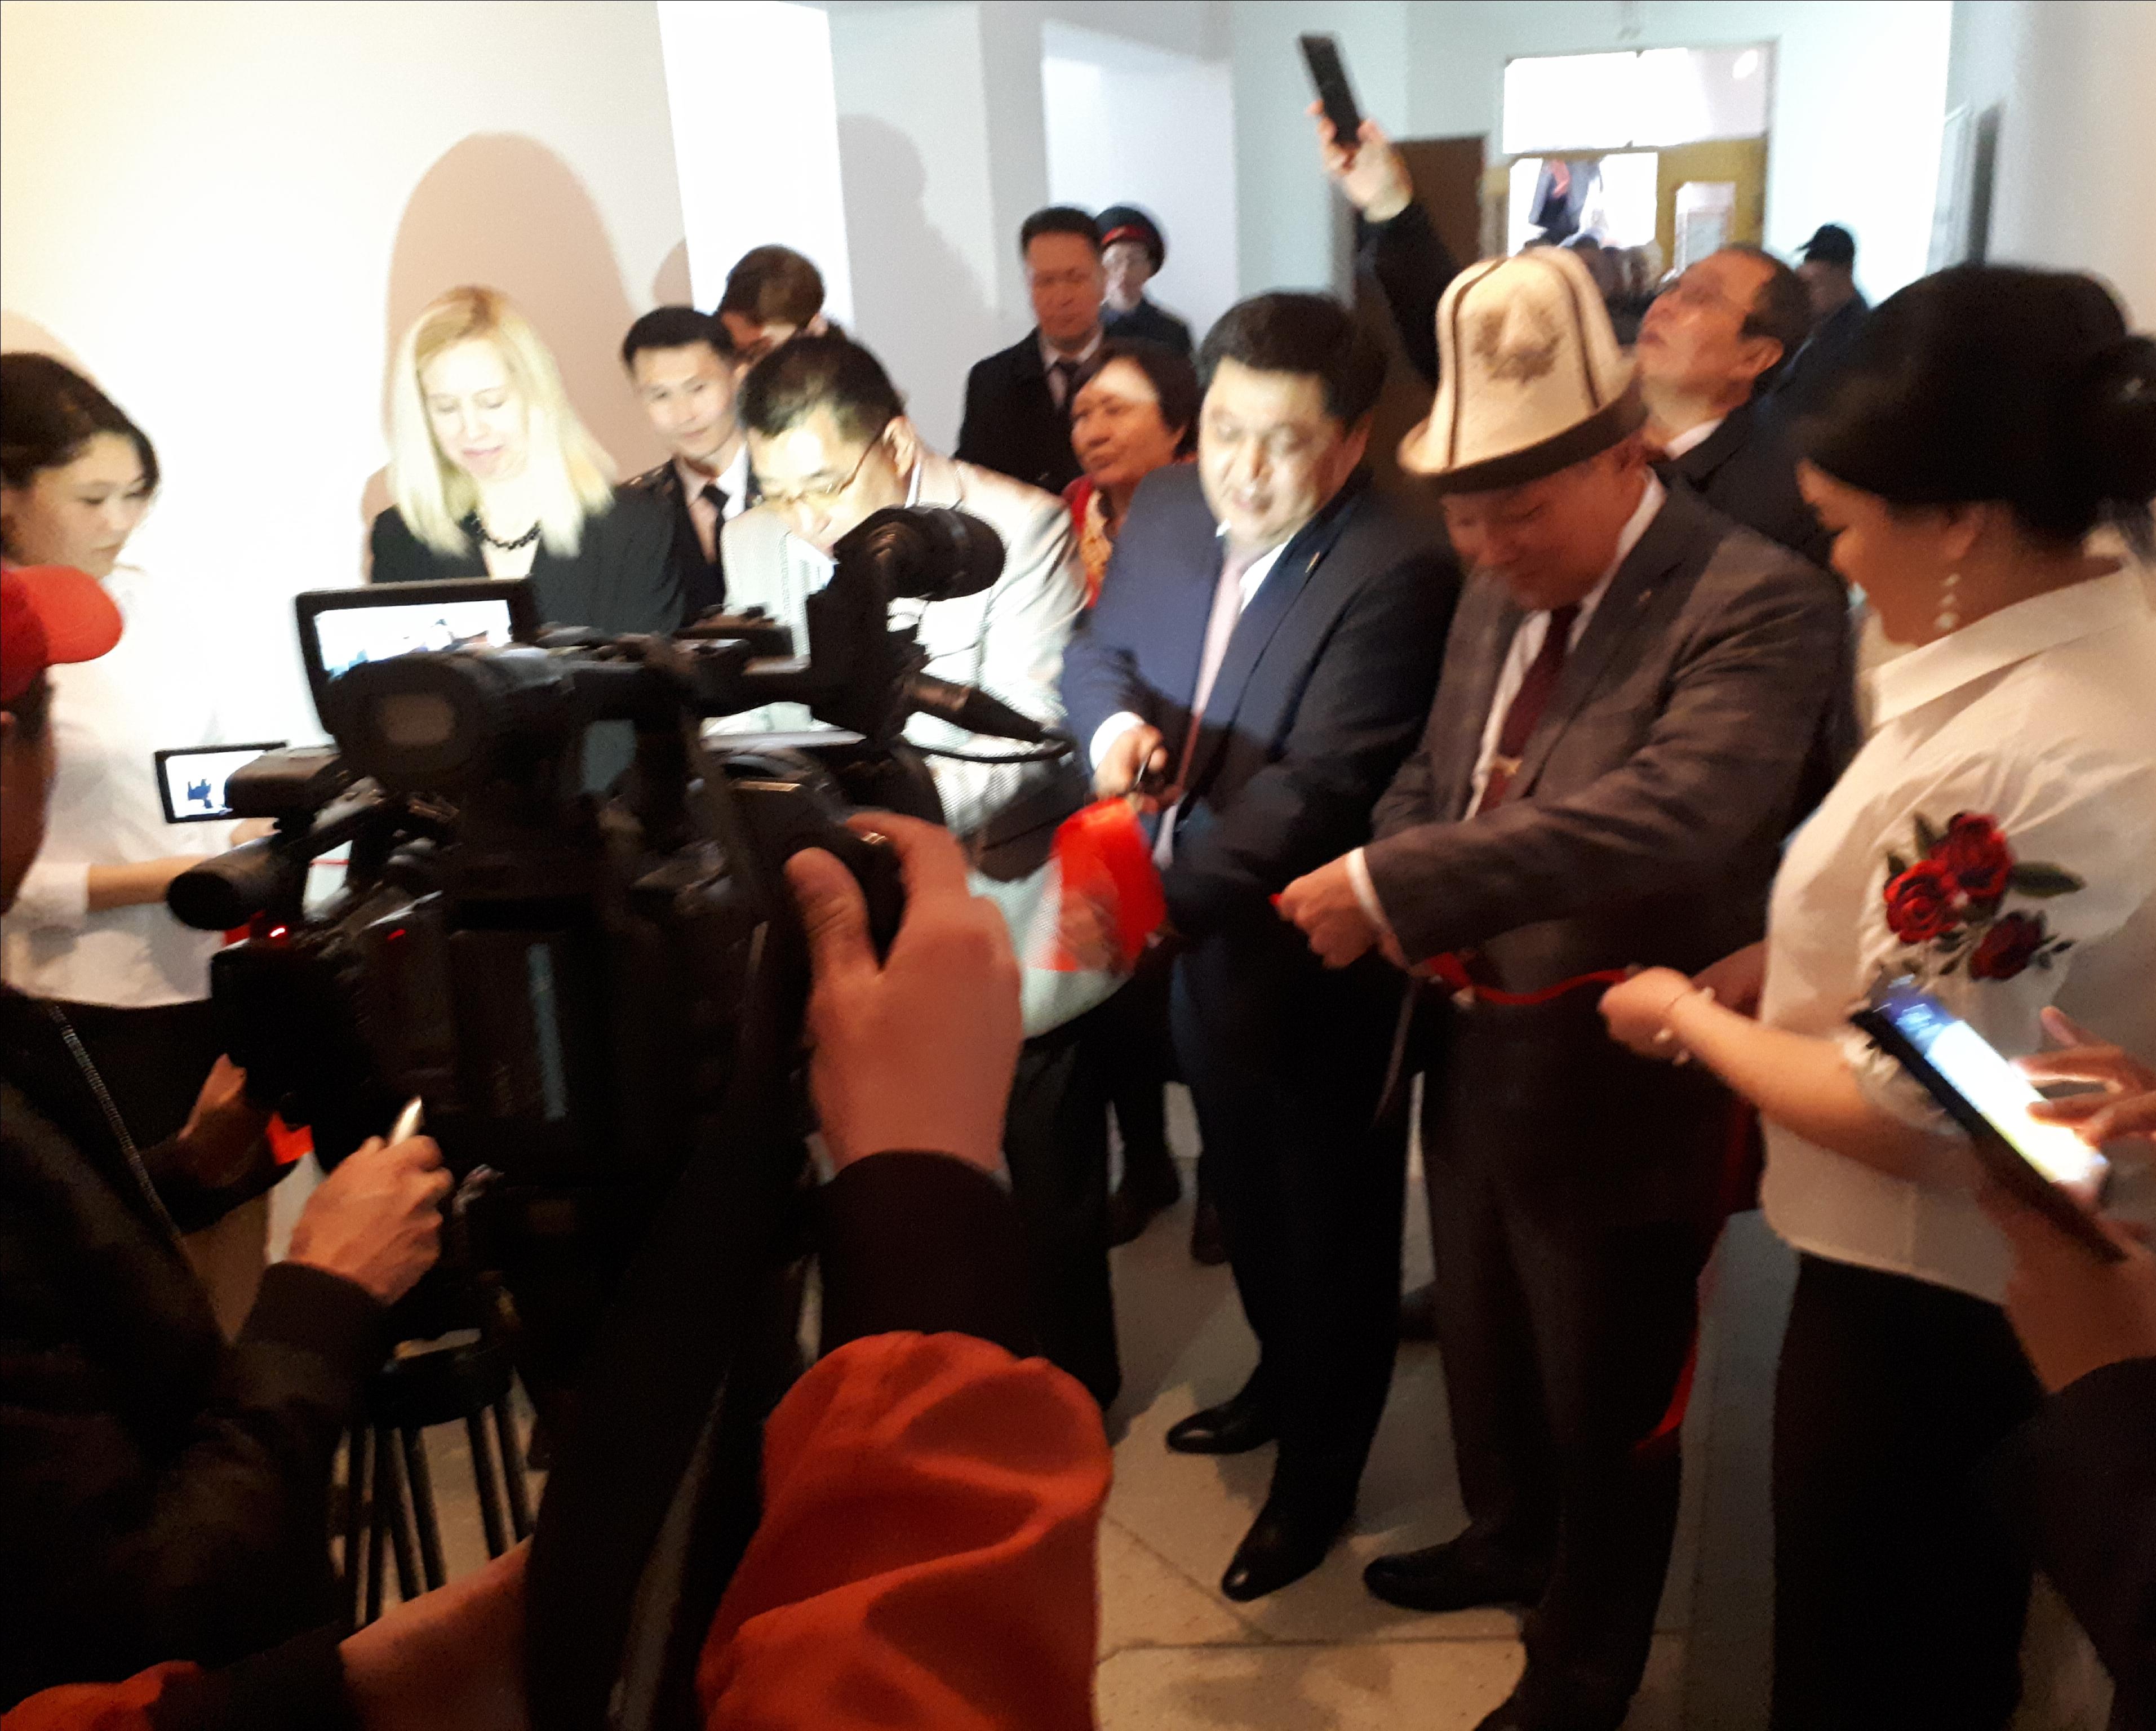 Министерство юстиции Кыргызской Республики провело торжественное открытие двух Центров бесплатной юридической помощи в городе Нарын и селе Кочкор